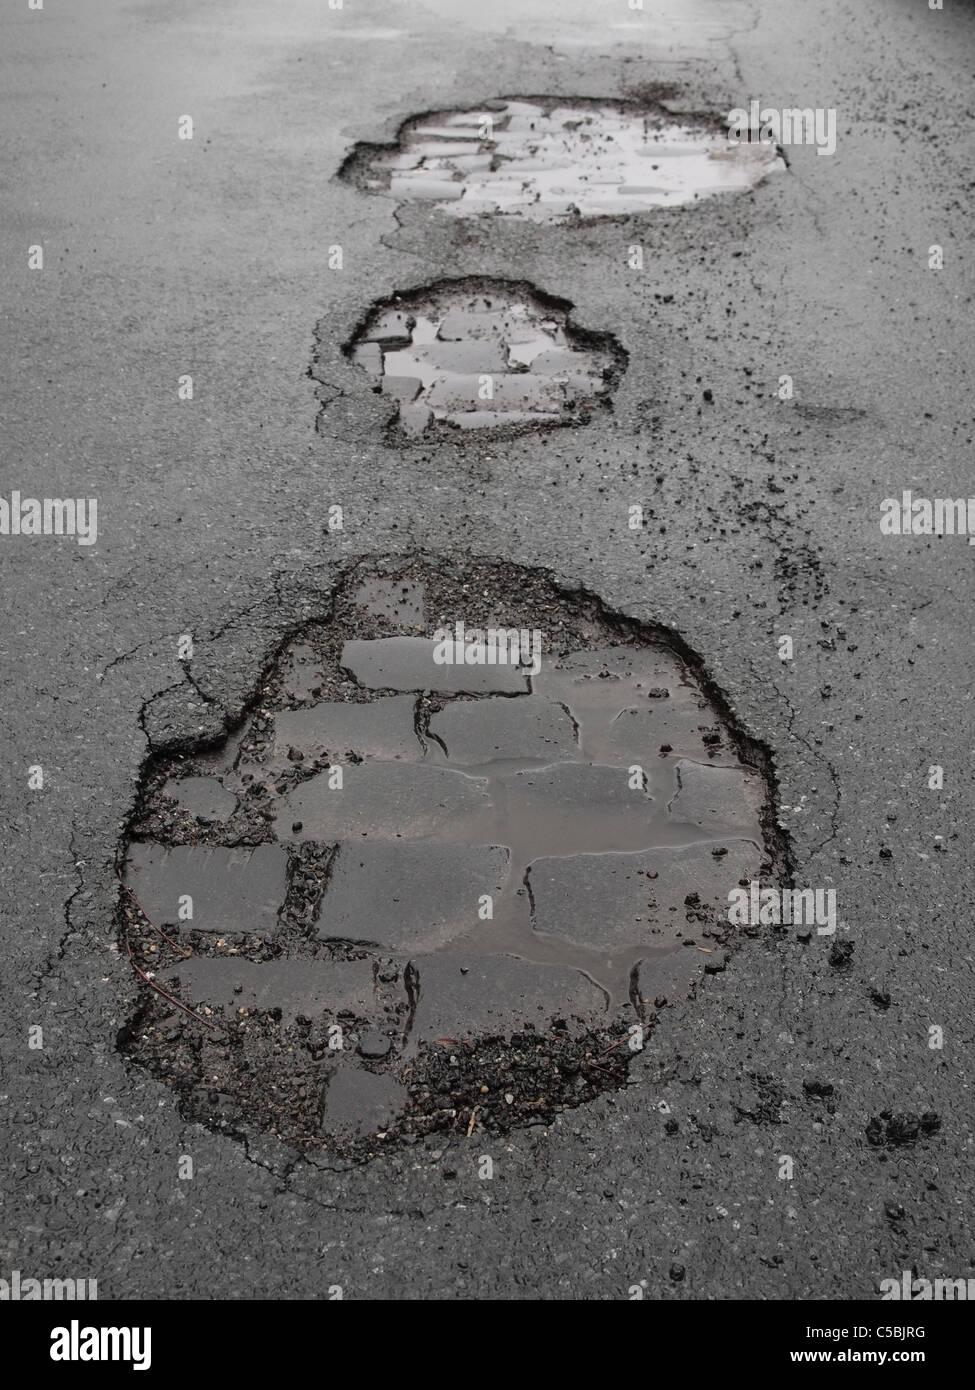 potholes / road damage - Stock Image